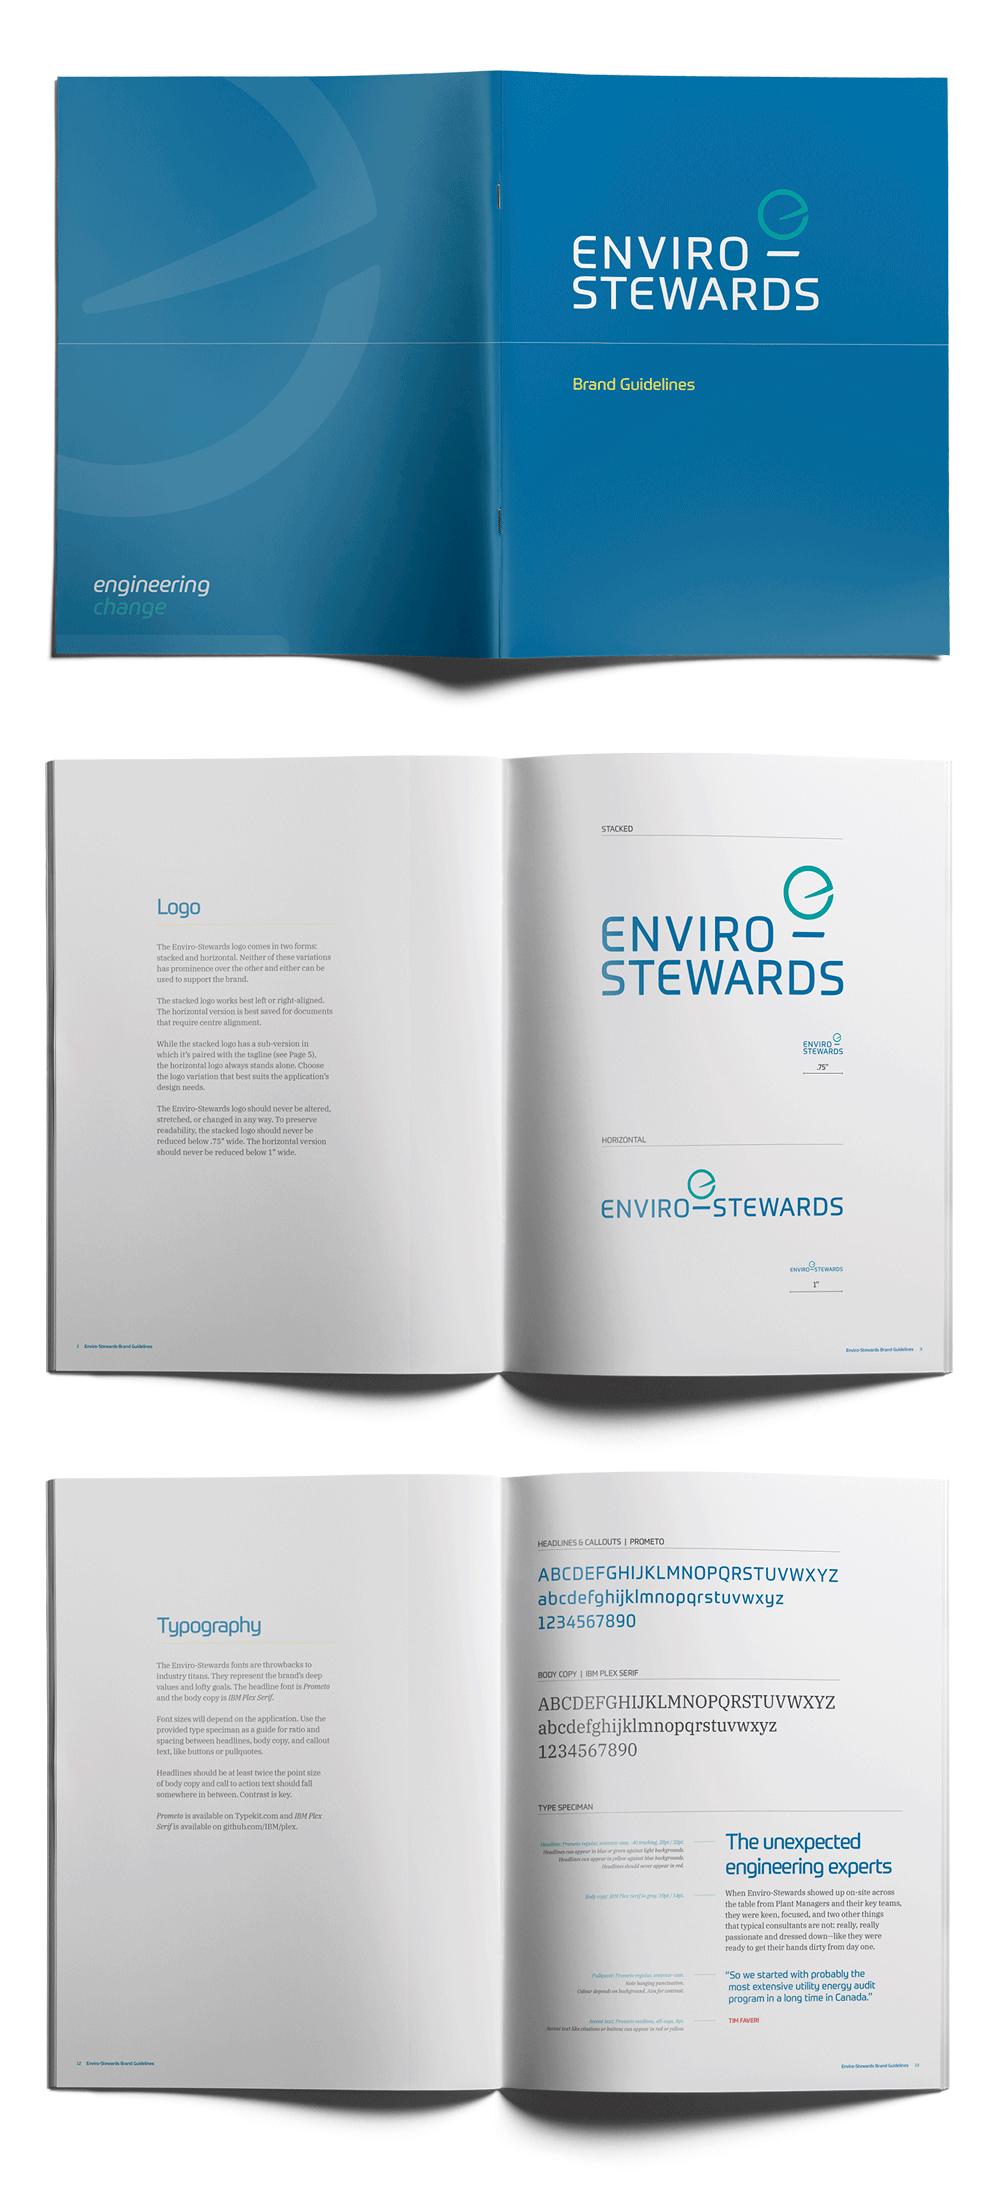 Enviro-Stewards brand design by Flipside Creative